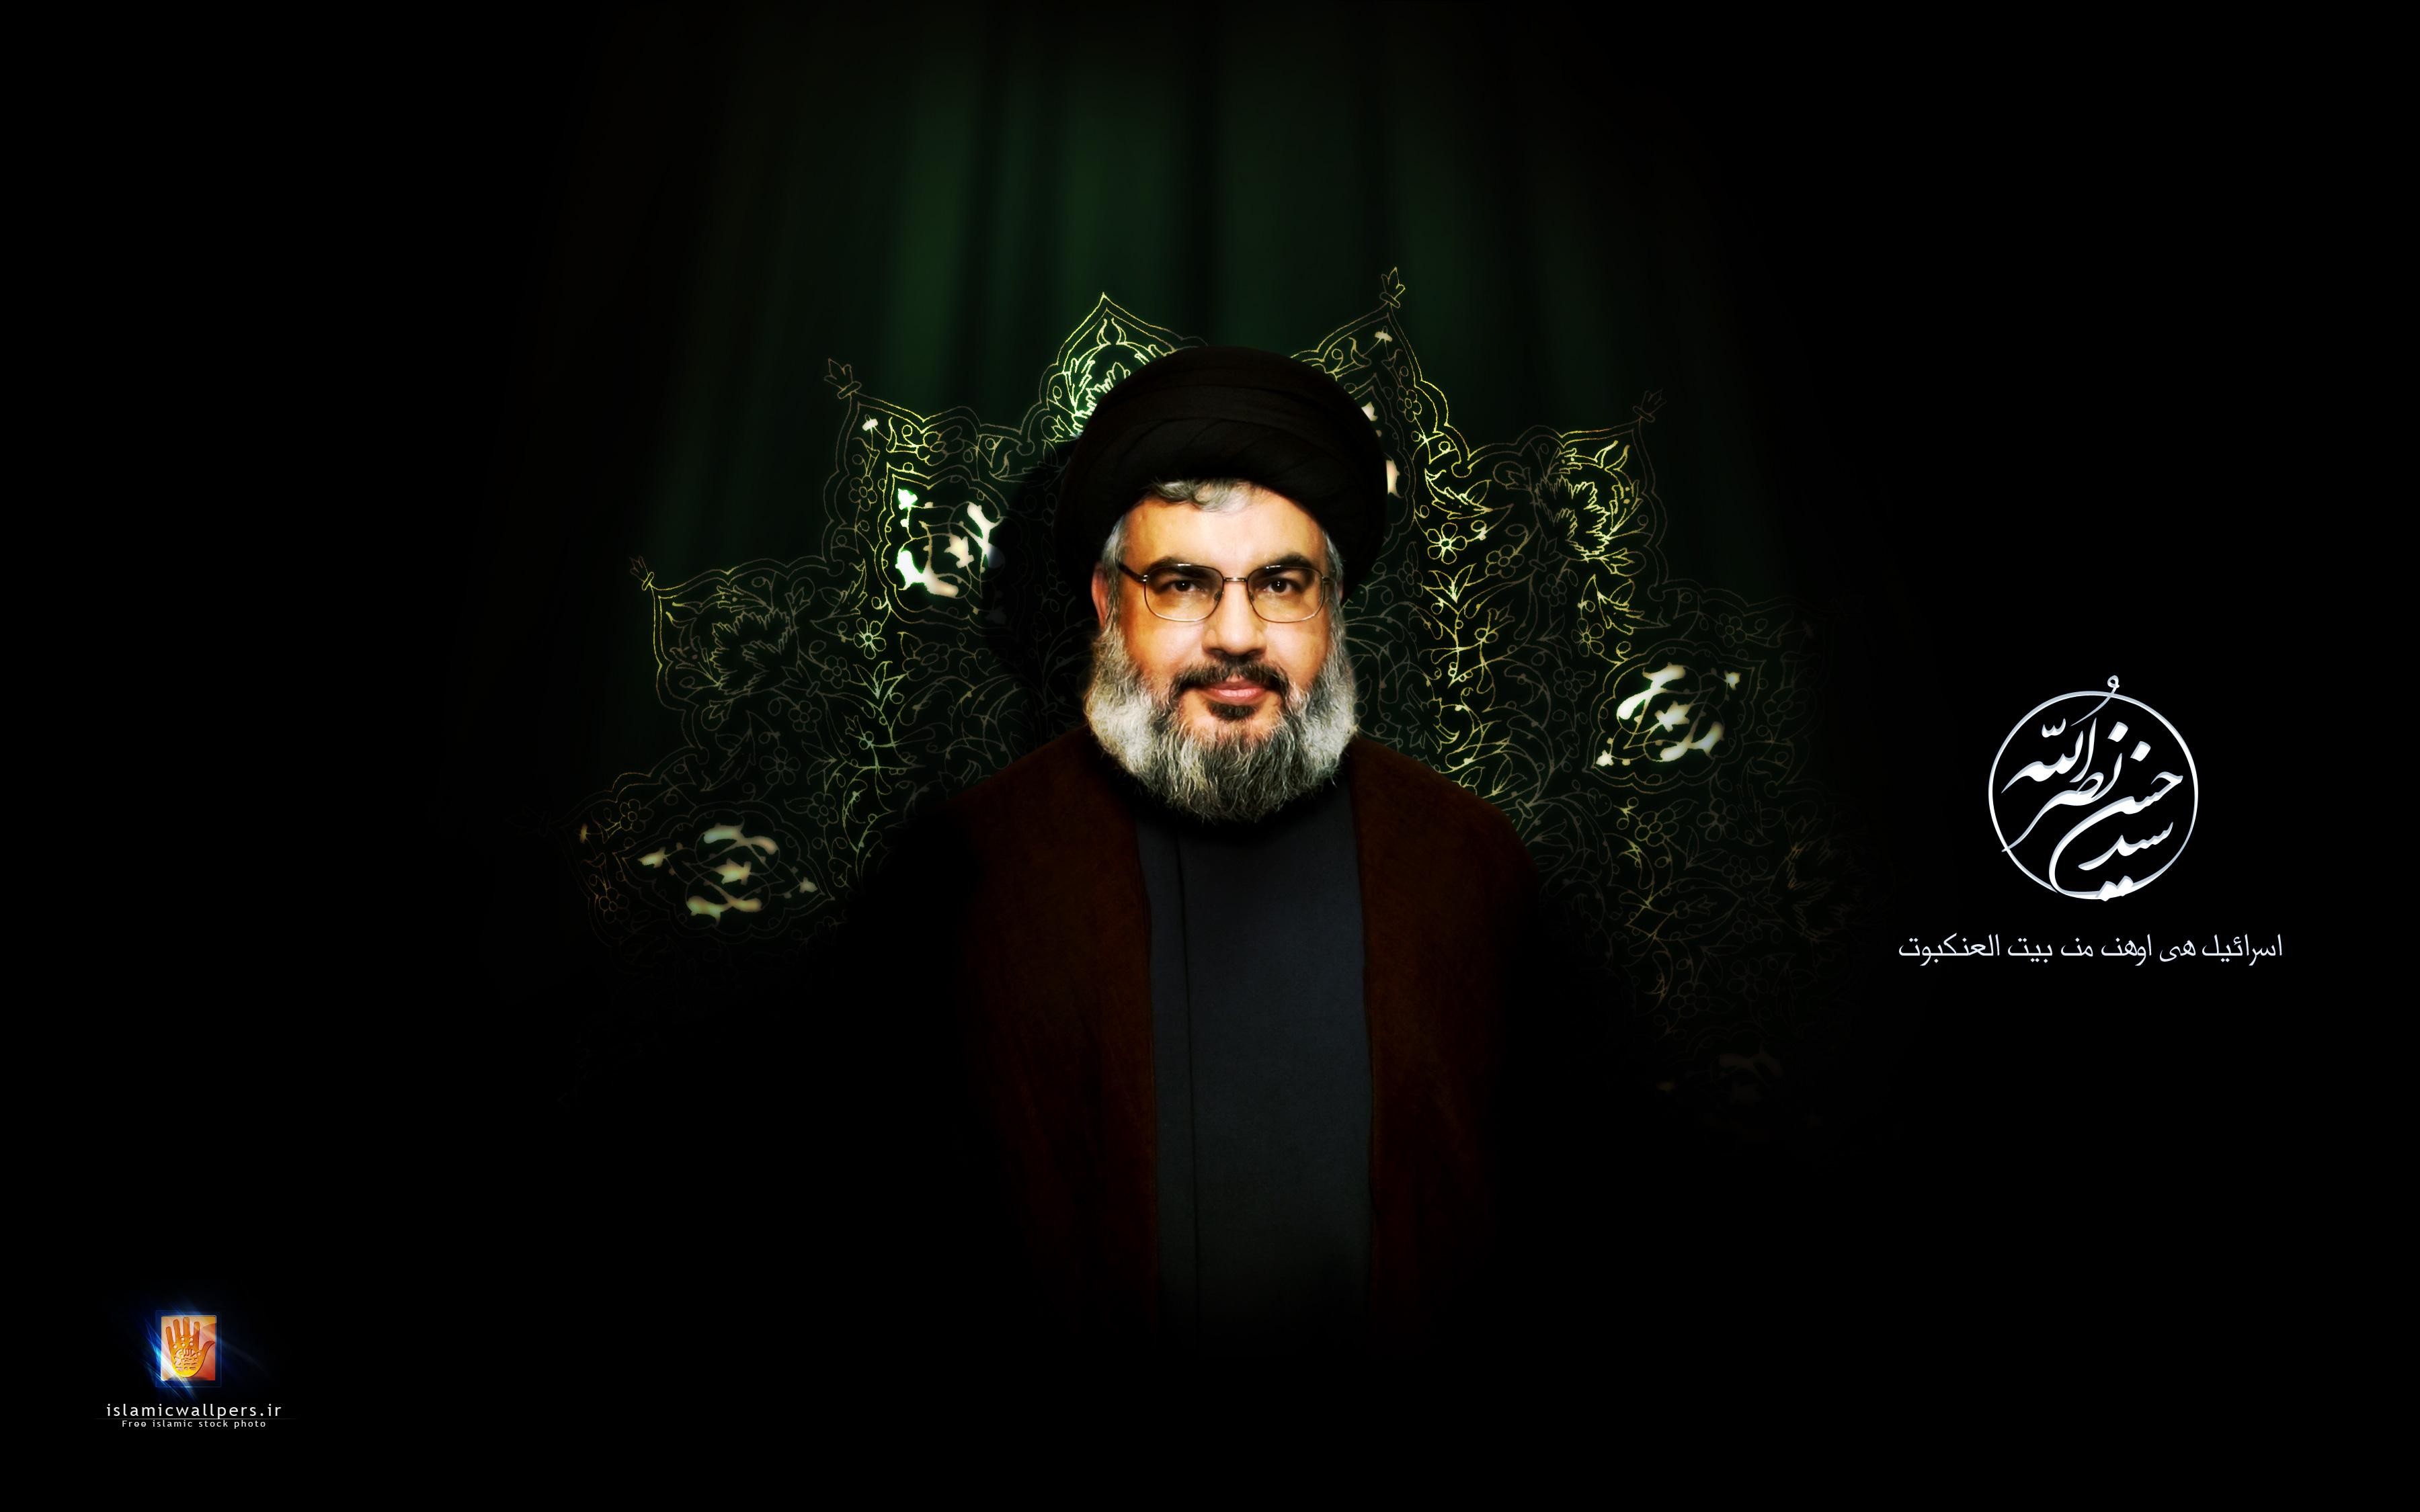 سید حسن نصرالله تصویر 1